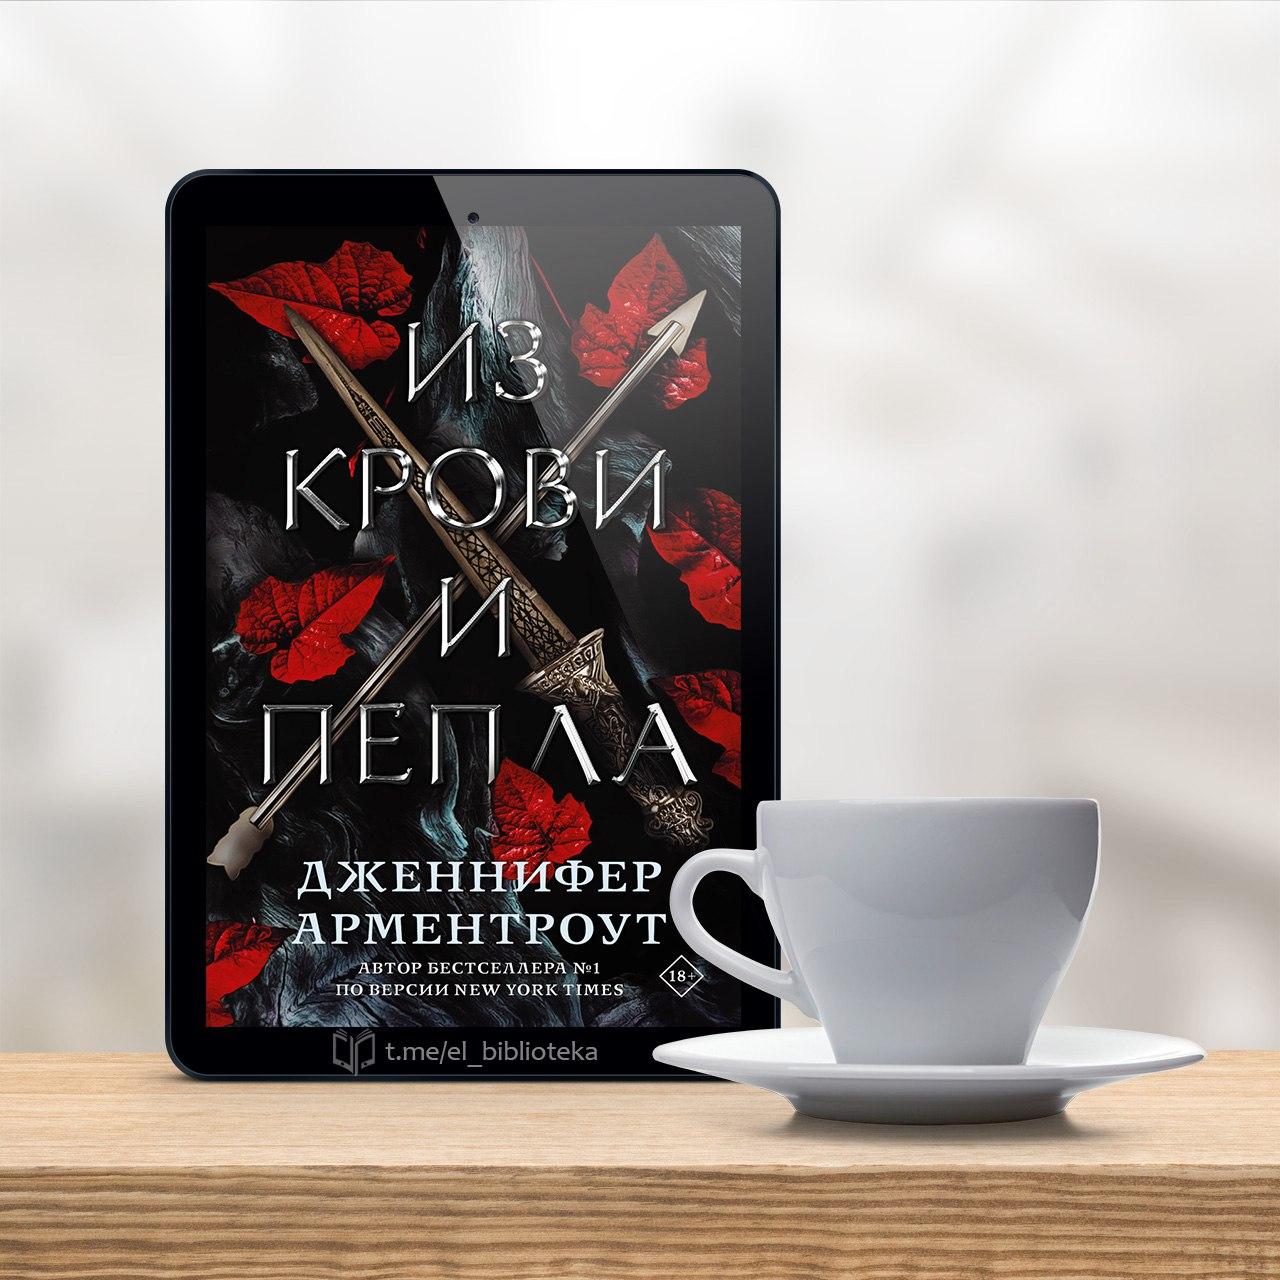  Из крови и пепла  Автор:  Арментроут_Дженнифер  Год издания: 2021  Серия...